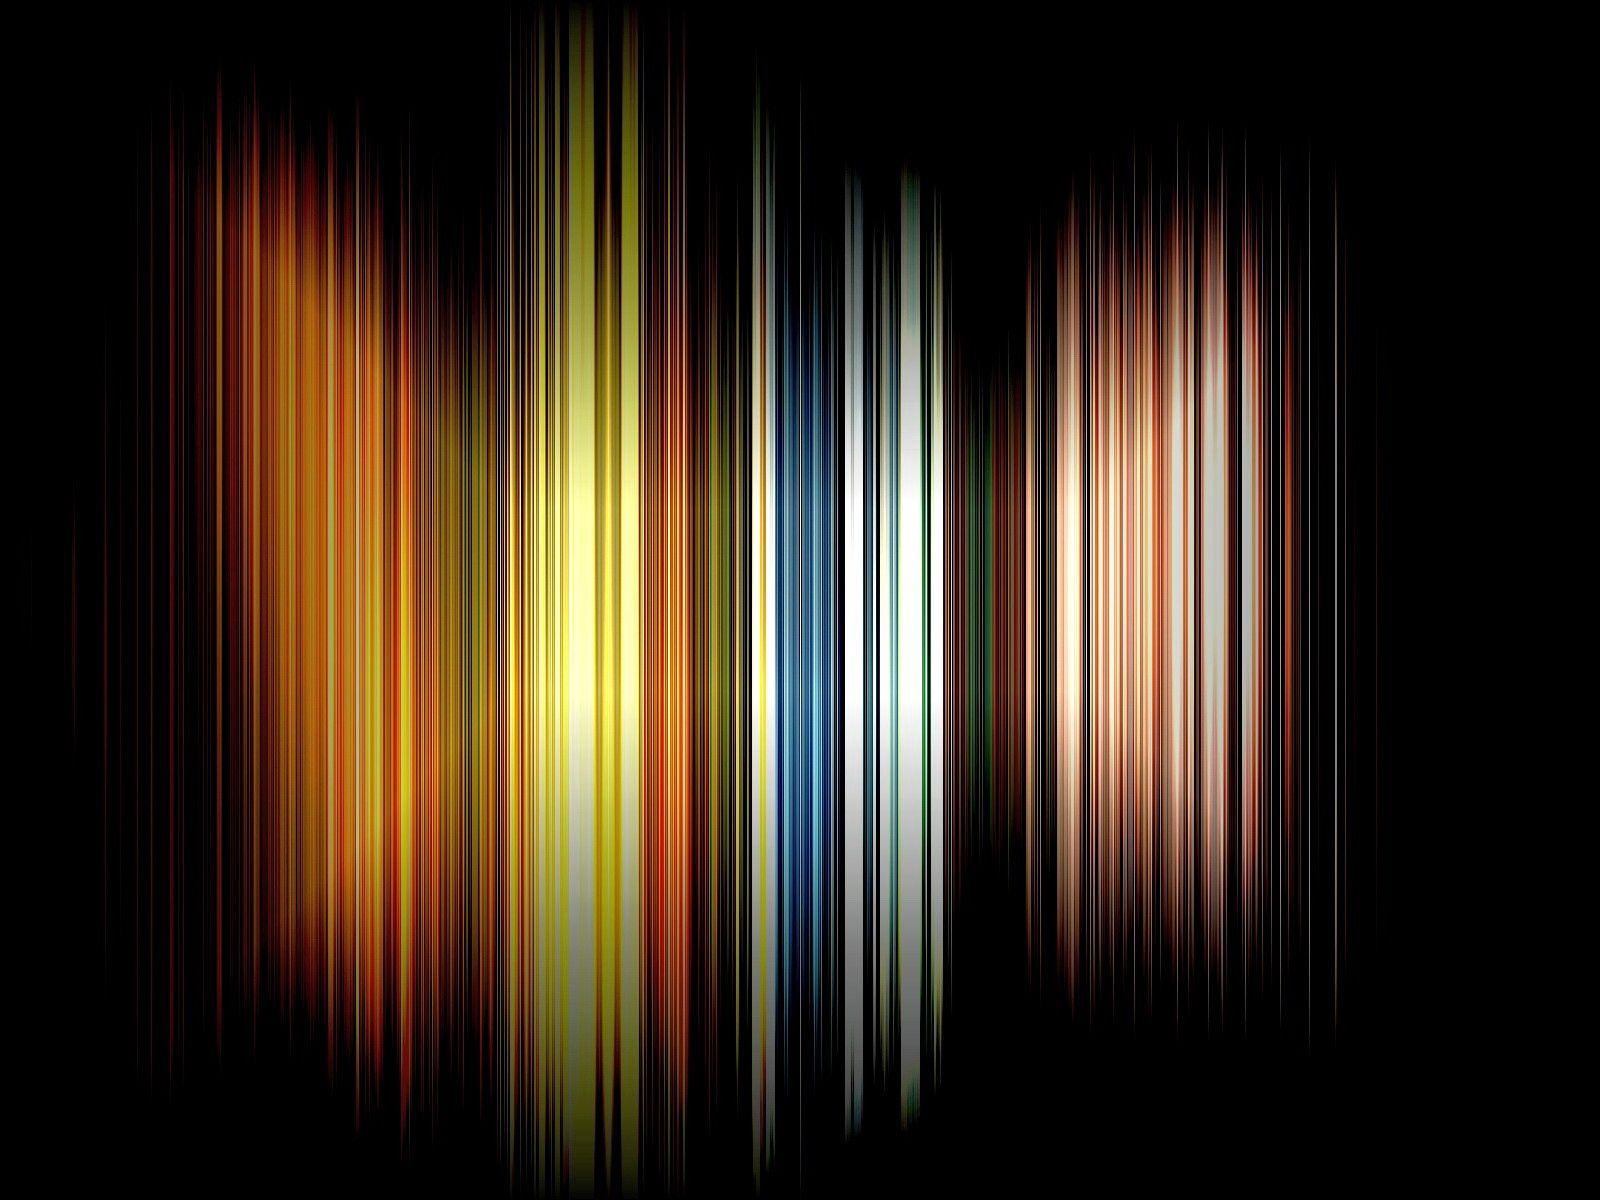 69914 скачать обои Абстракция, Линии, Тень, Фон, Пятна, Спектр - заставки и картинки бесплатно